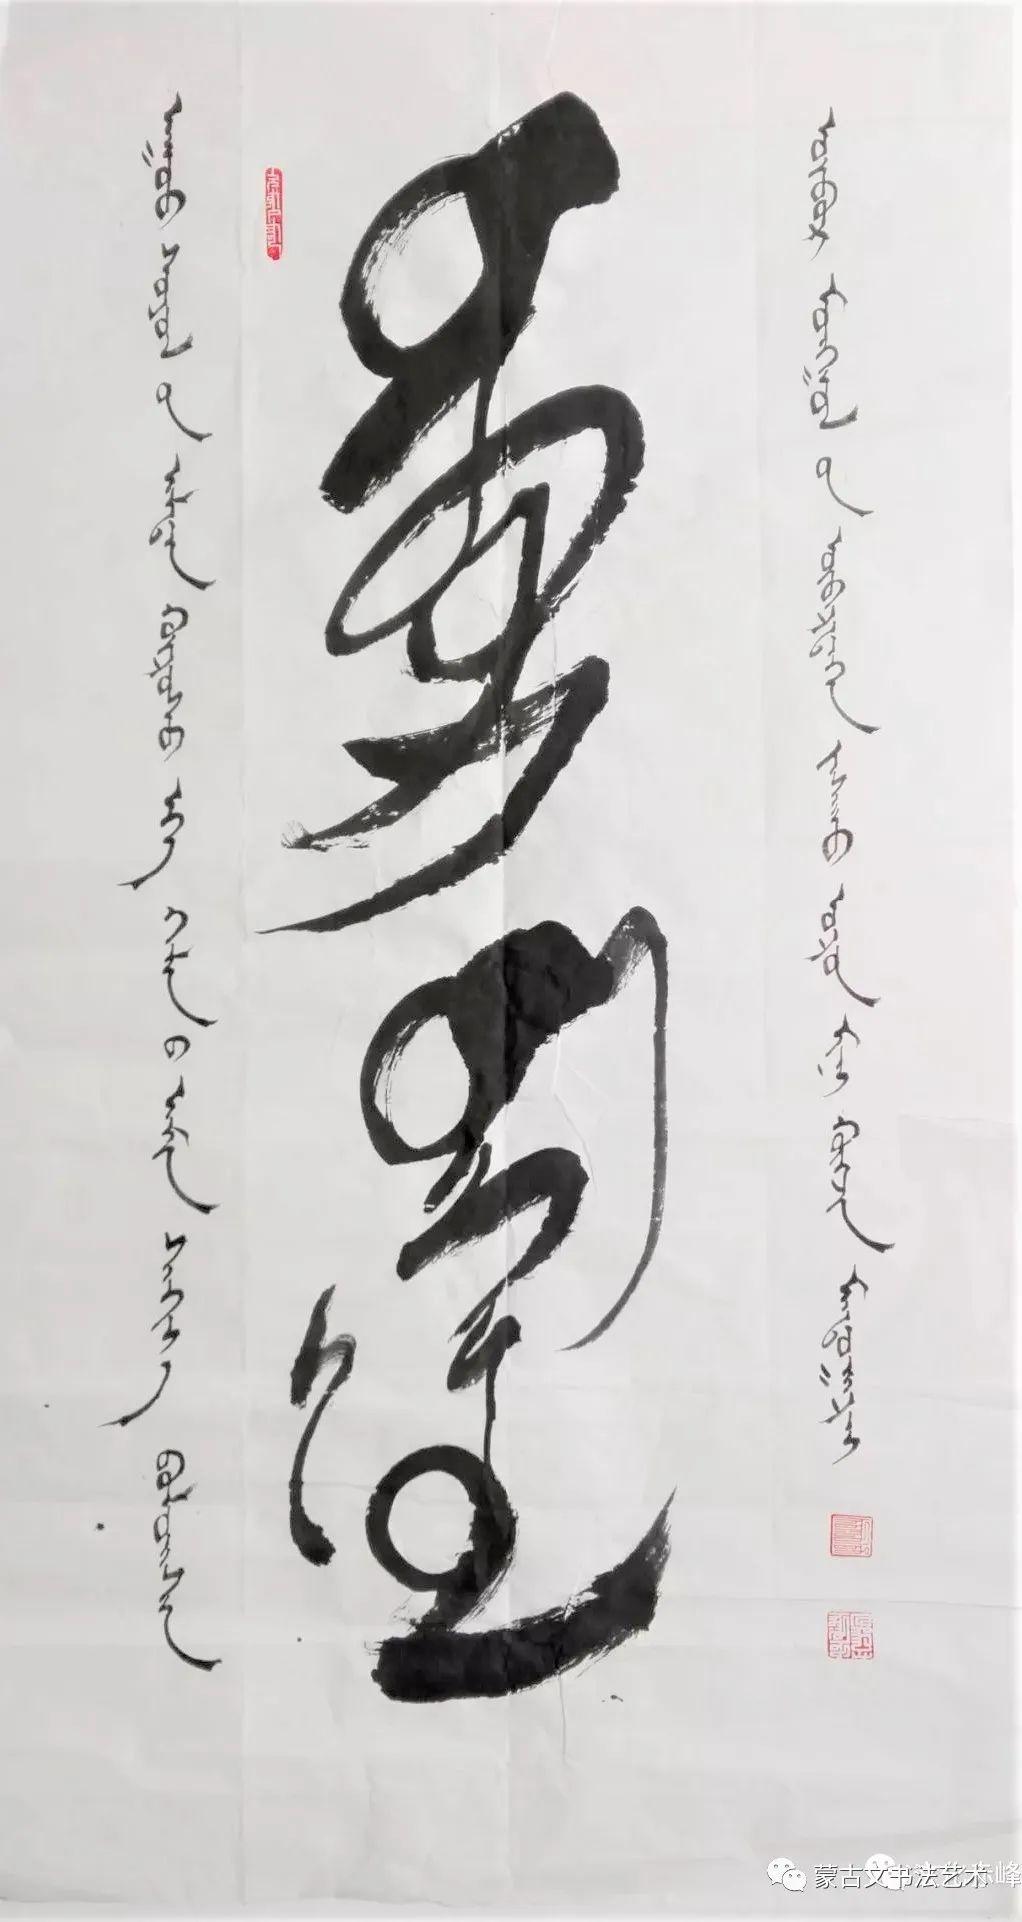 额尔敦巴图蒙古文书法 第8张